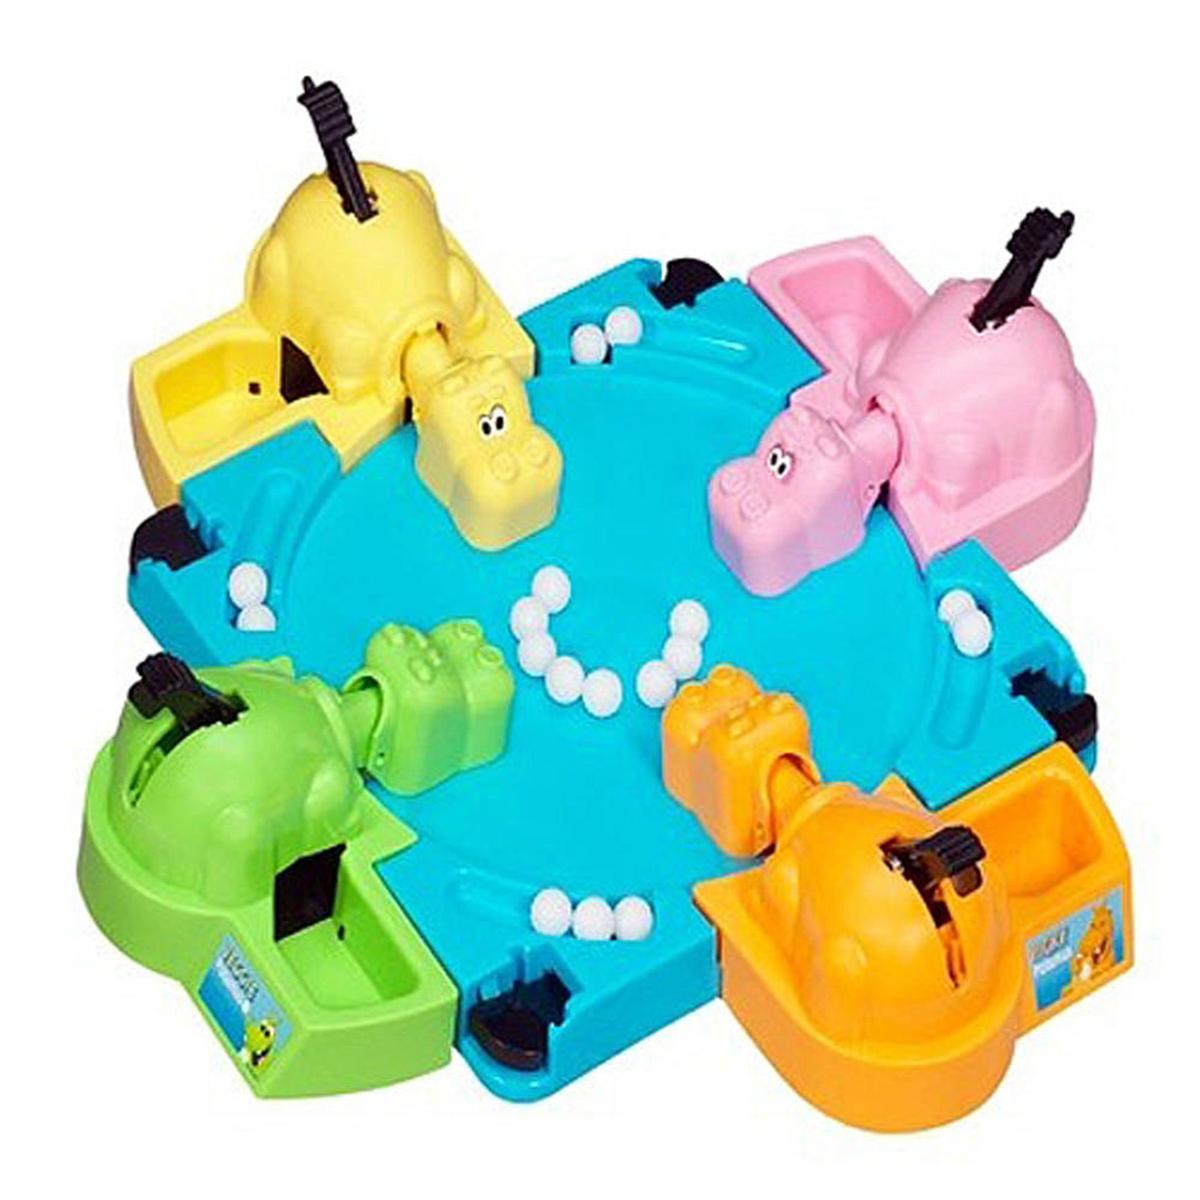 Tragabolas | Juegos De Niños Debajo De 5 Años | Tienda de juguetes ...